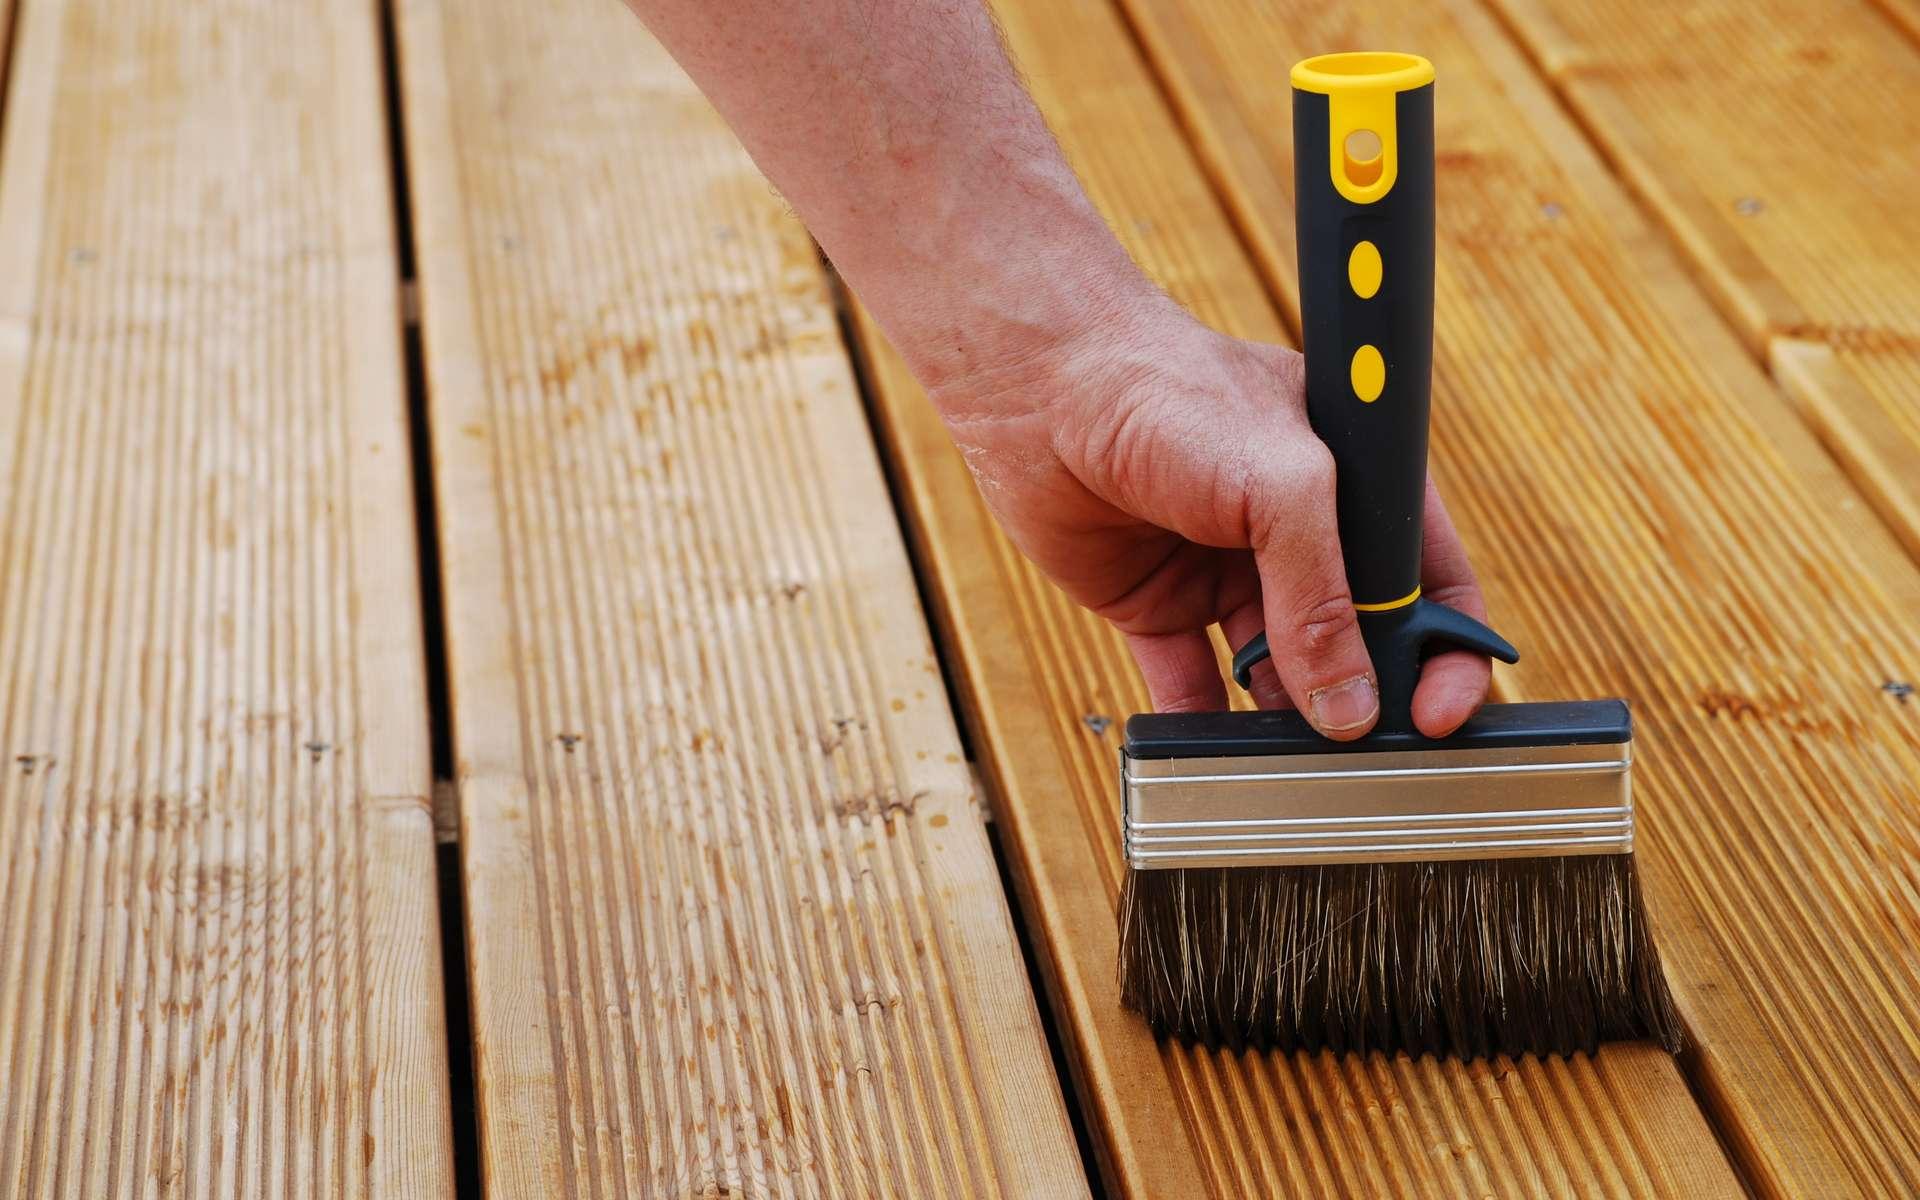 Une terrasse en bois est des plus chaleureuses mais doit être entretenue au moins une fois par an pour conserver son aspect originel. © soniaC, Adobe Stock